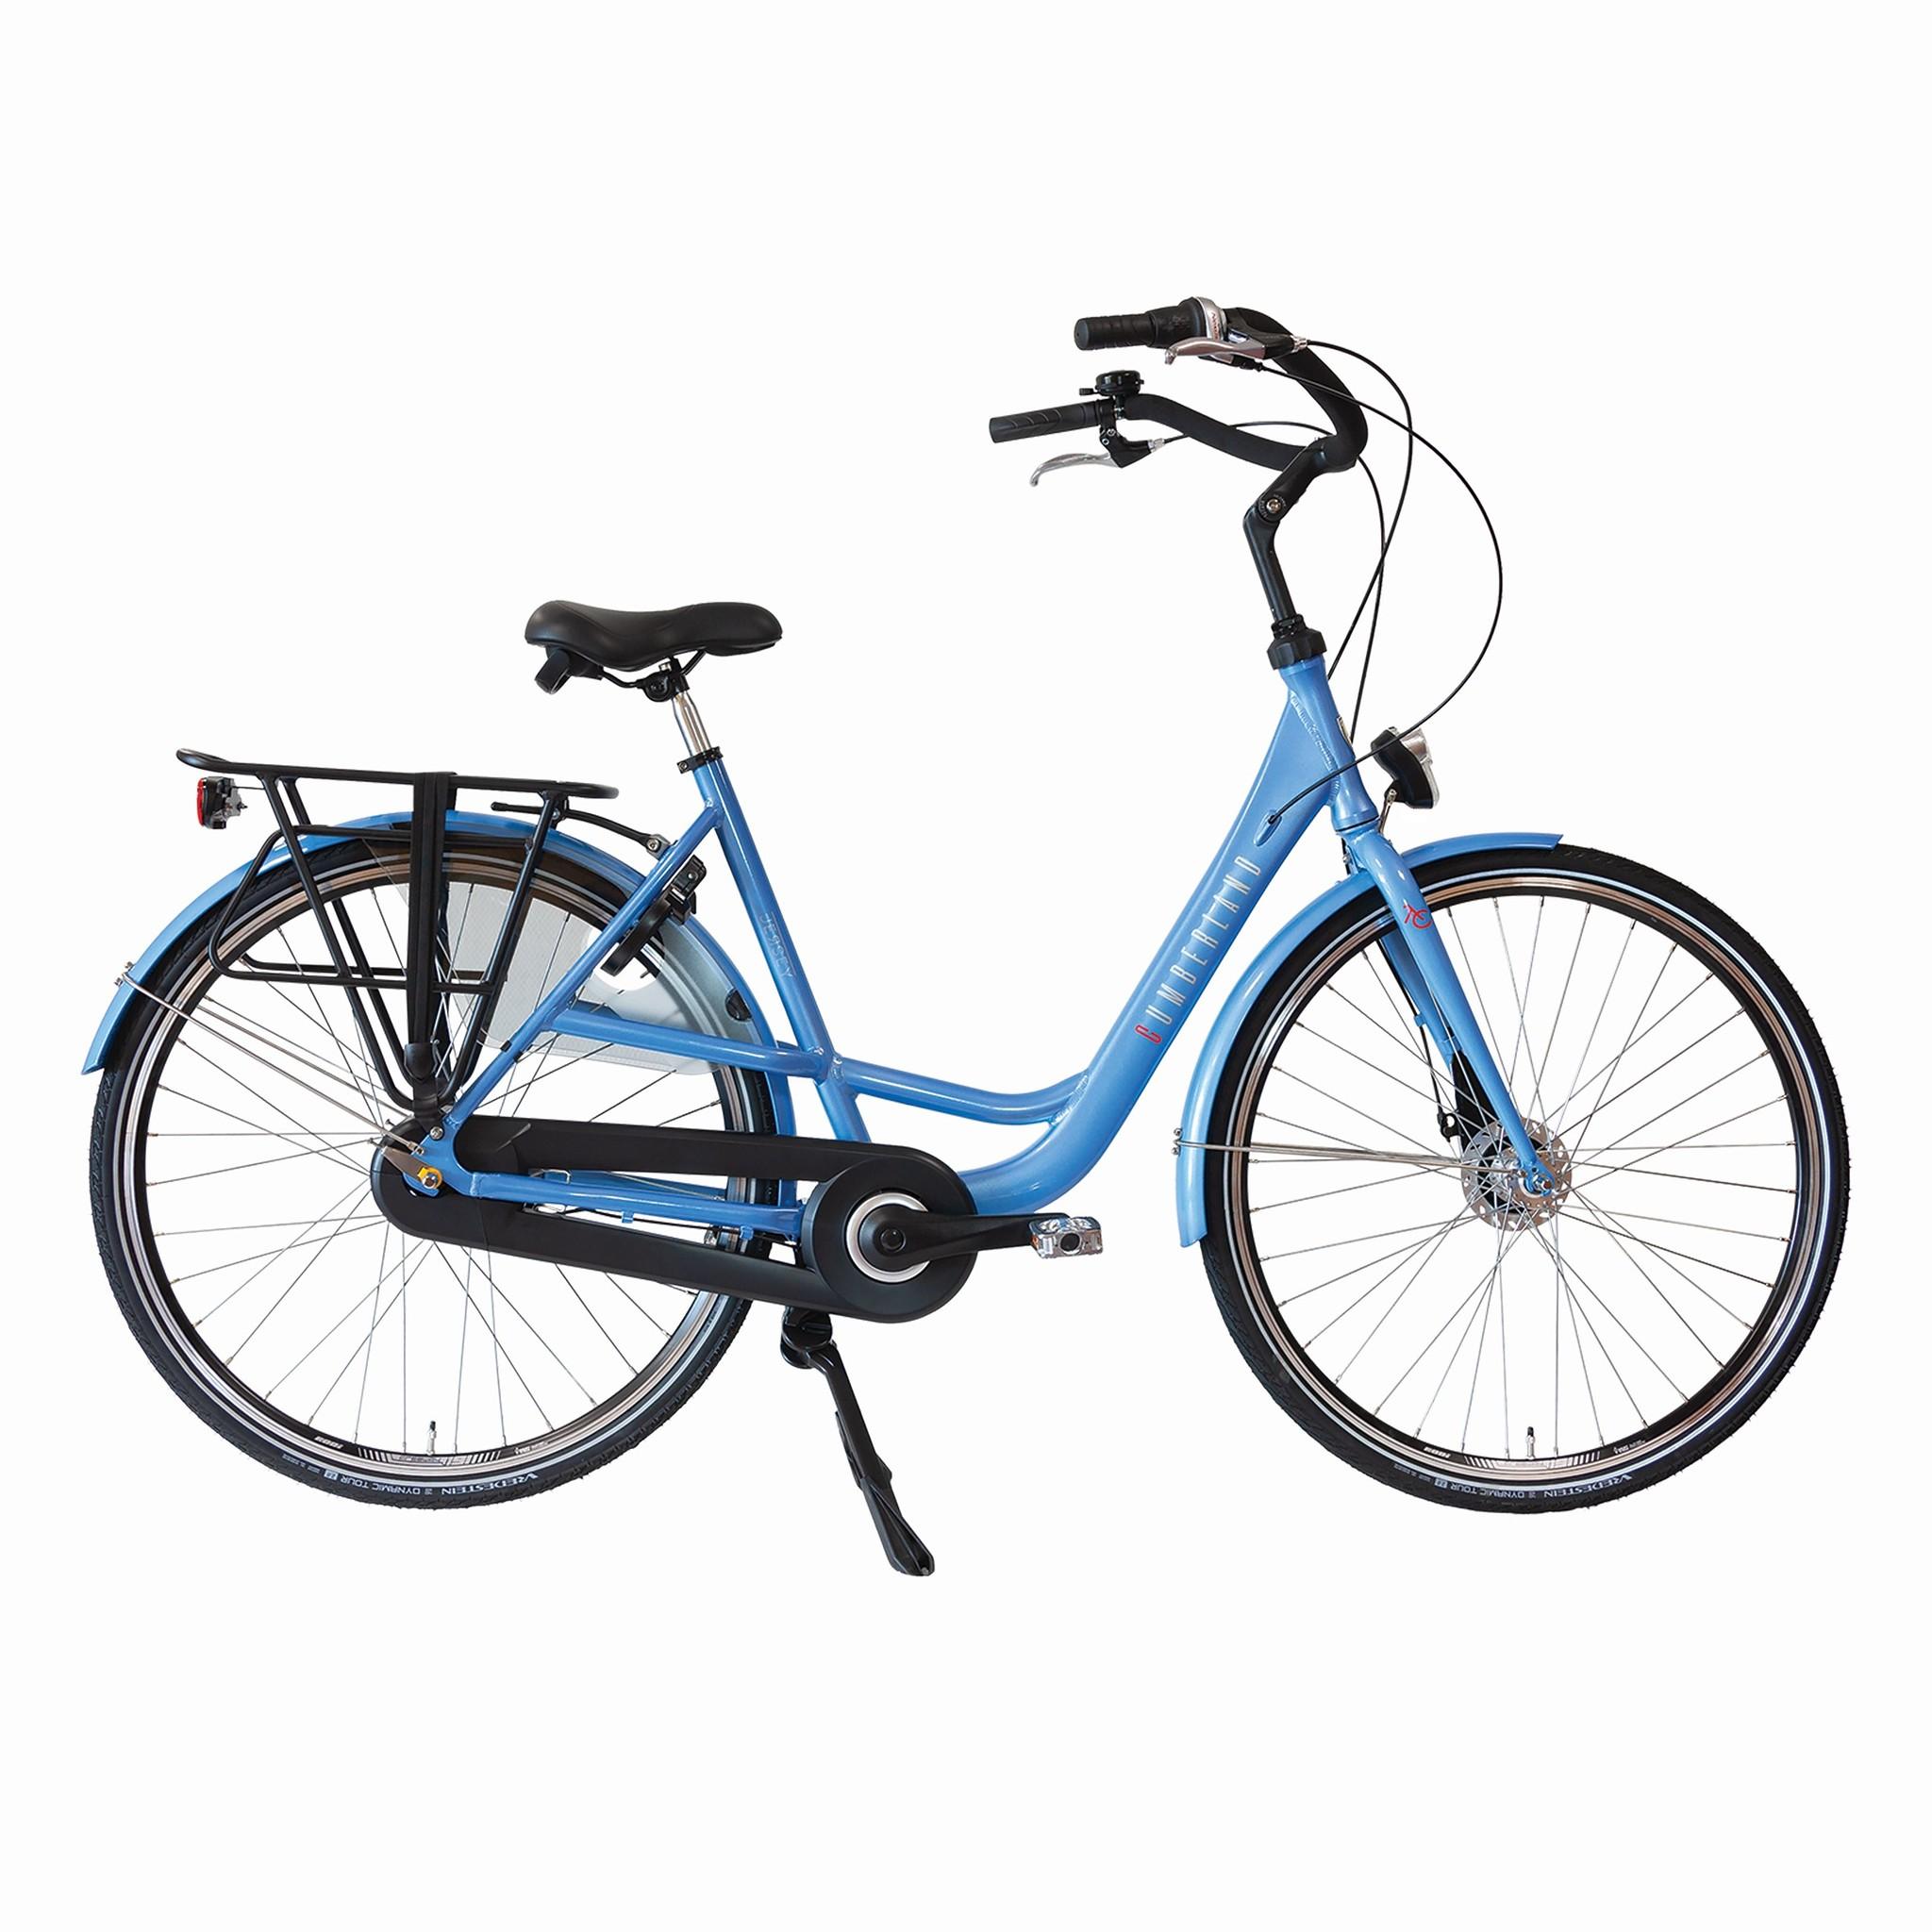 Cumberland Moederfiets Nexus 7 licht blauw 53cm Blauw